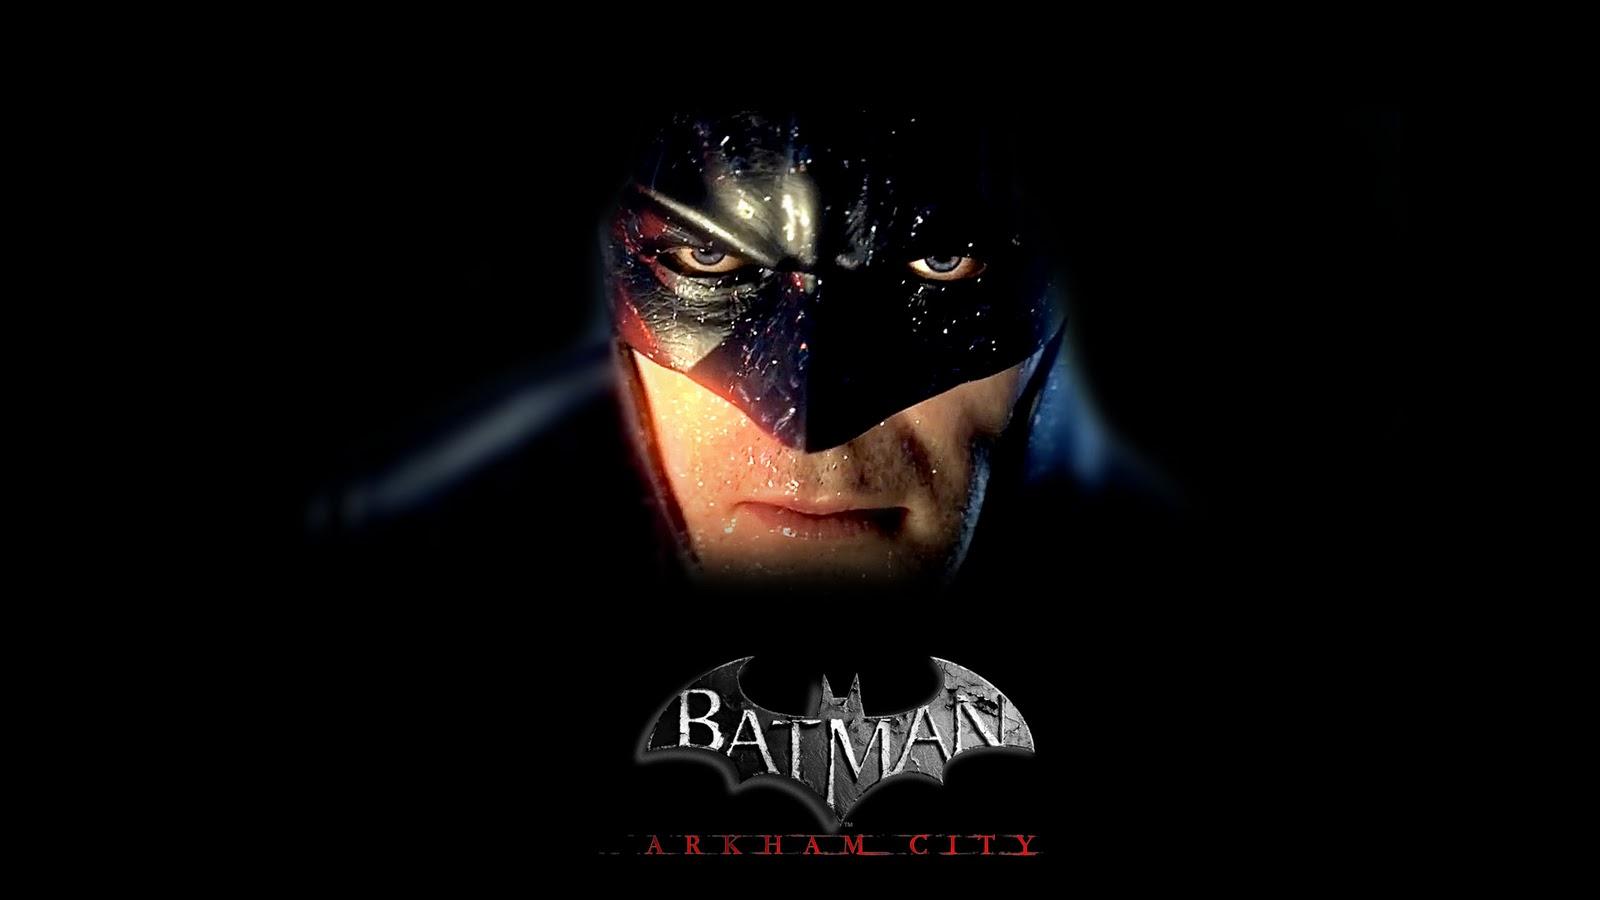 Batman Arkham City Wallpaper Arlequina: Wallpaper Batman Arkham City